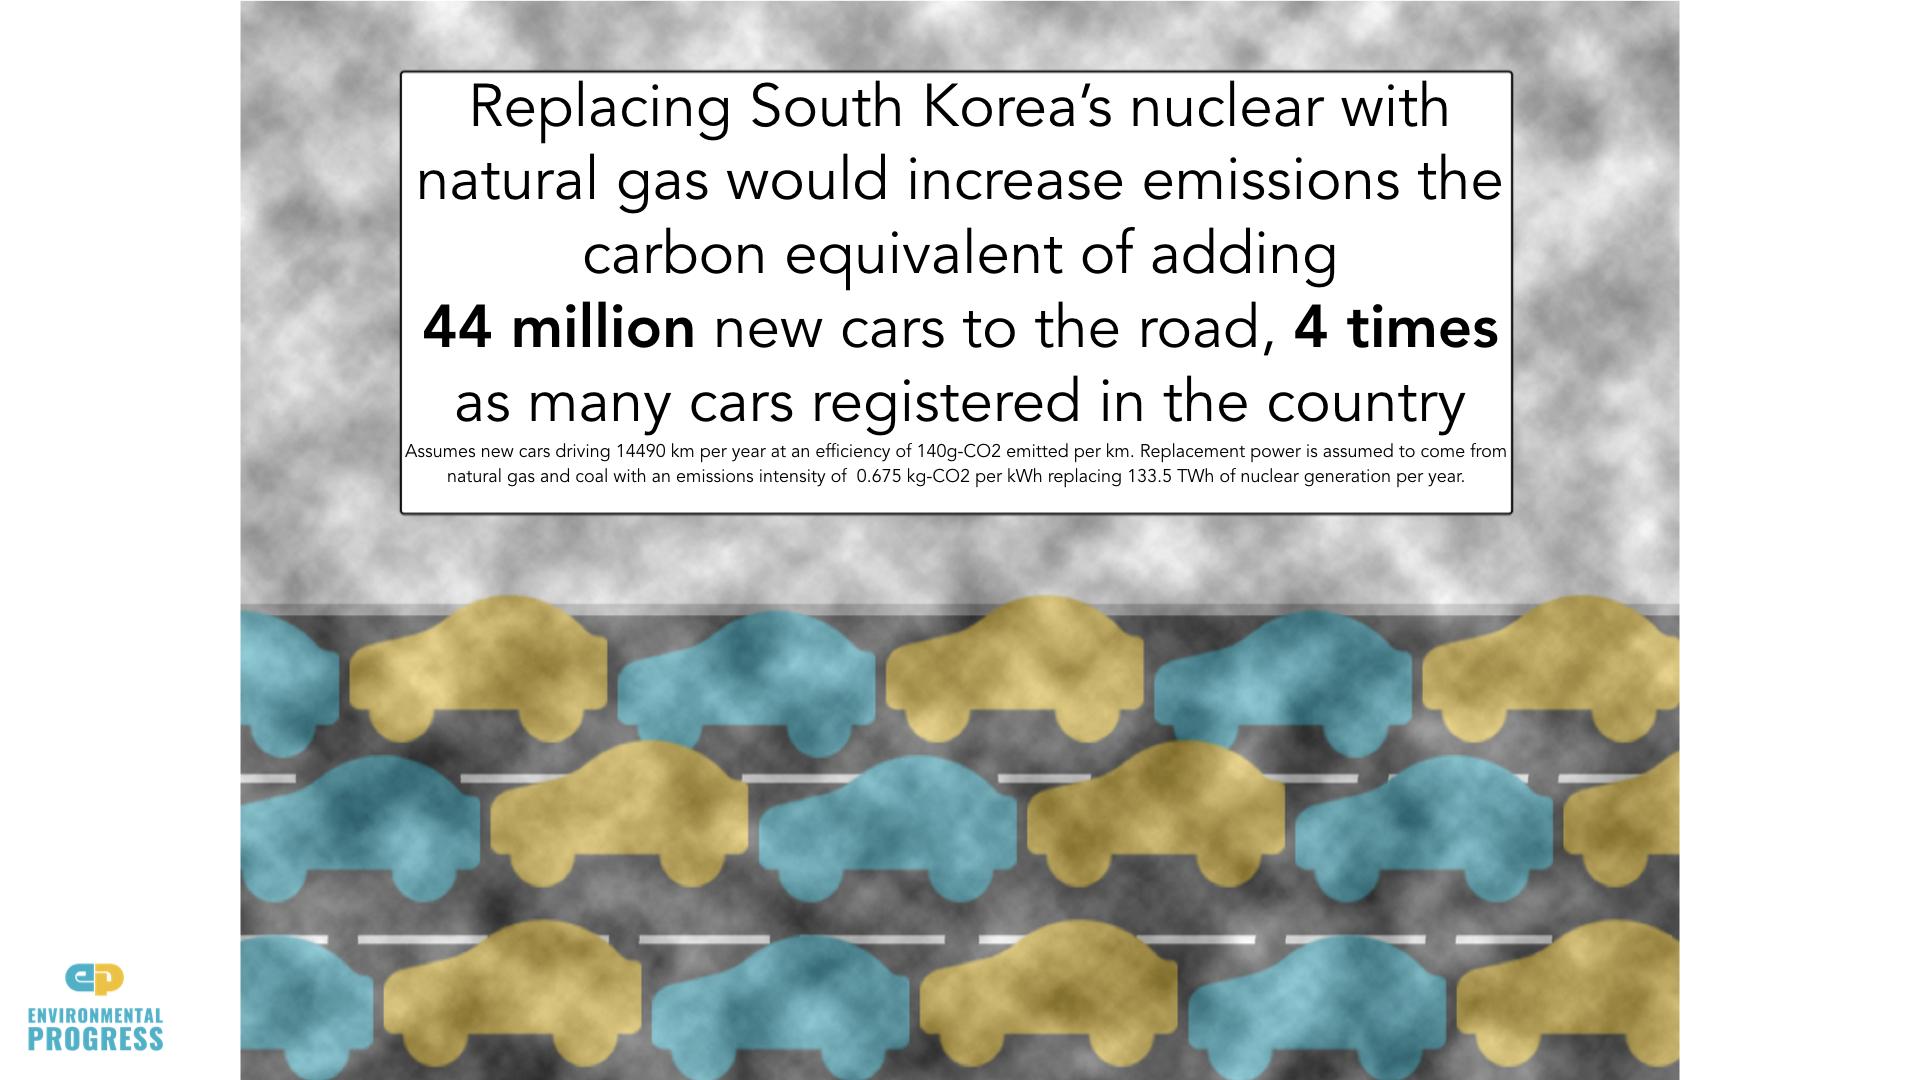 South Korea — Environmental Progress